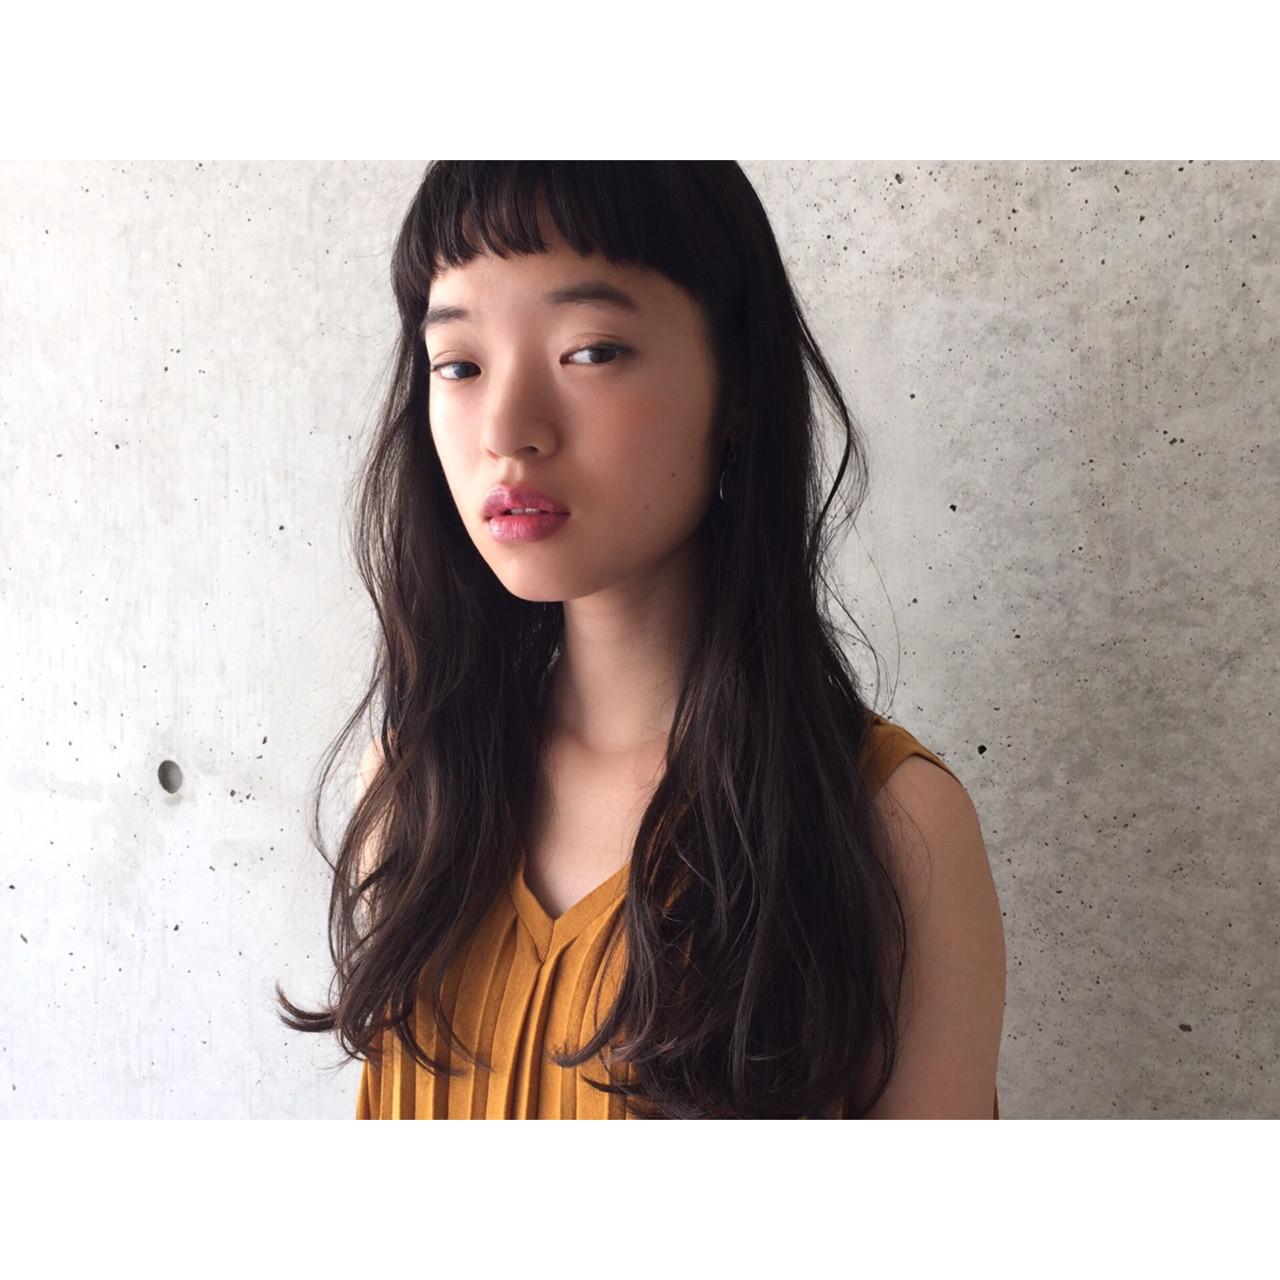 春 黒髪 ナチュラル パーマ ヘアスタイルや髪型の写真・画像